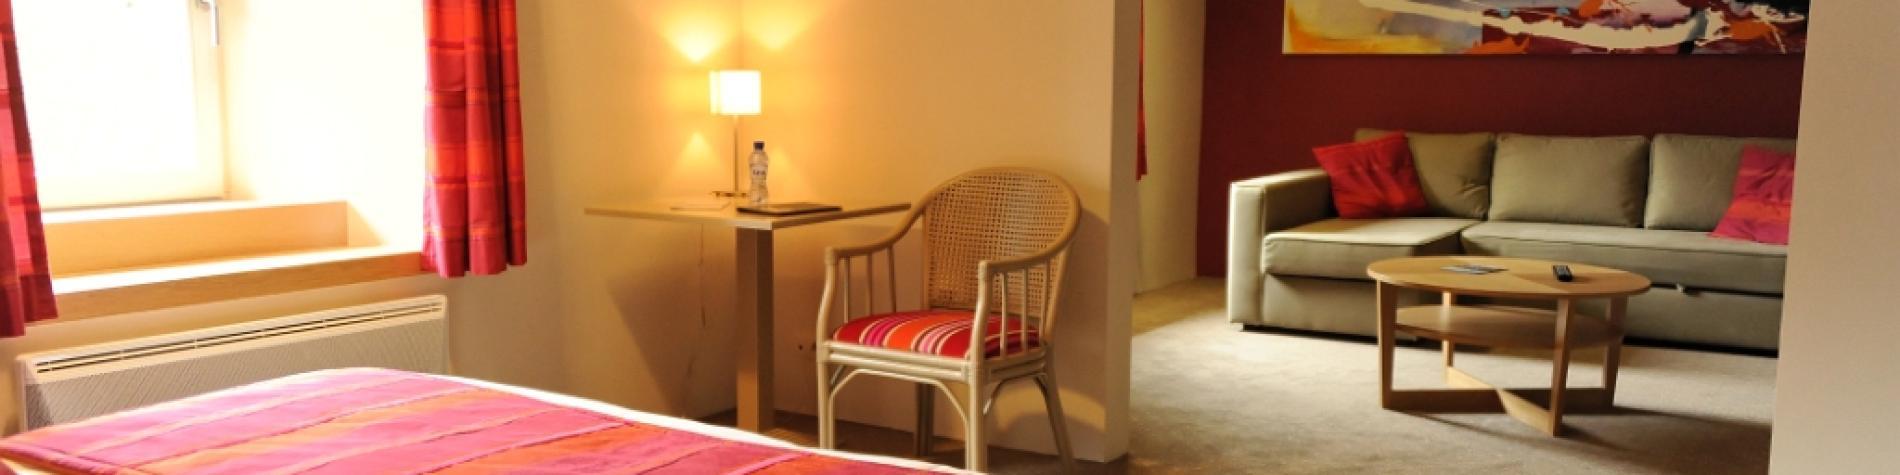 Hôtel - Golf - Falnuée - Mazy